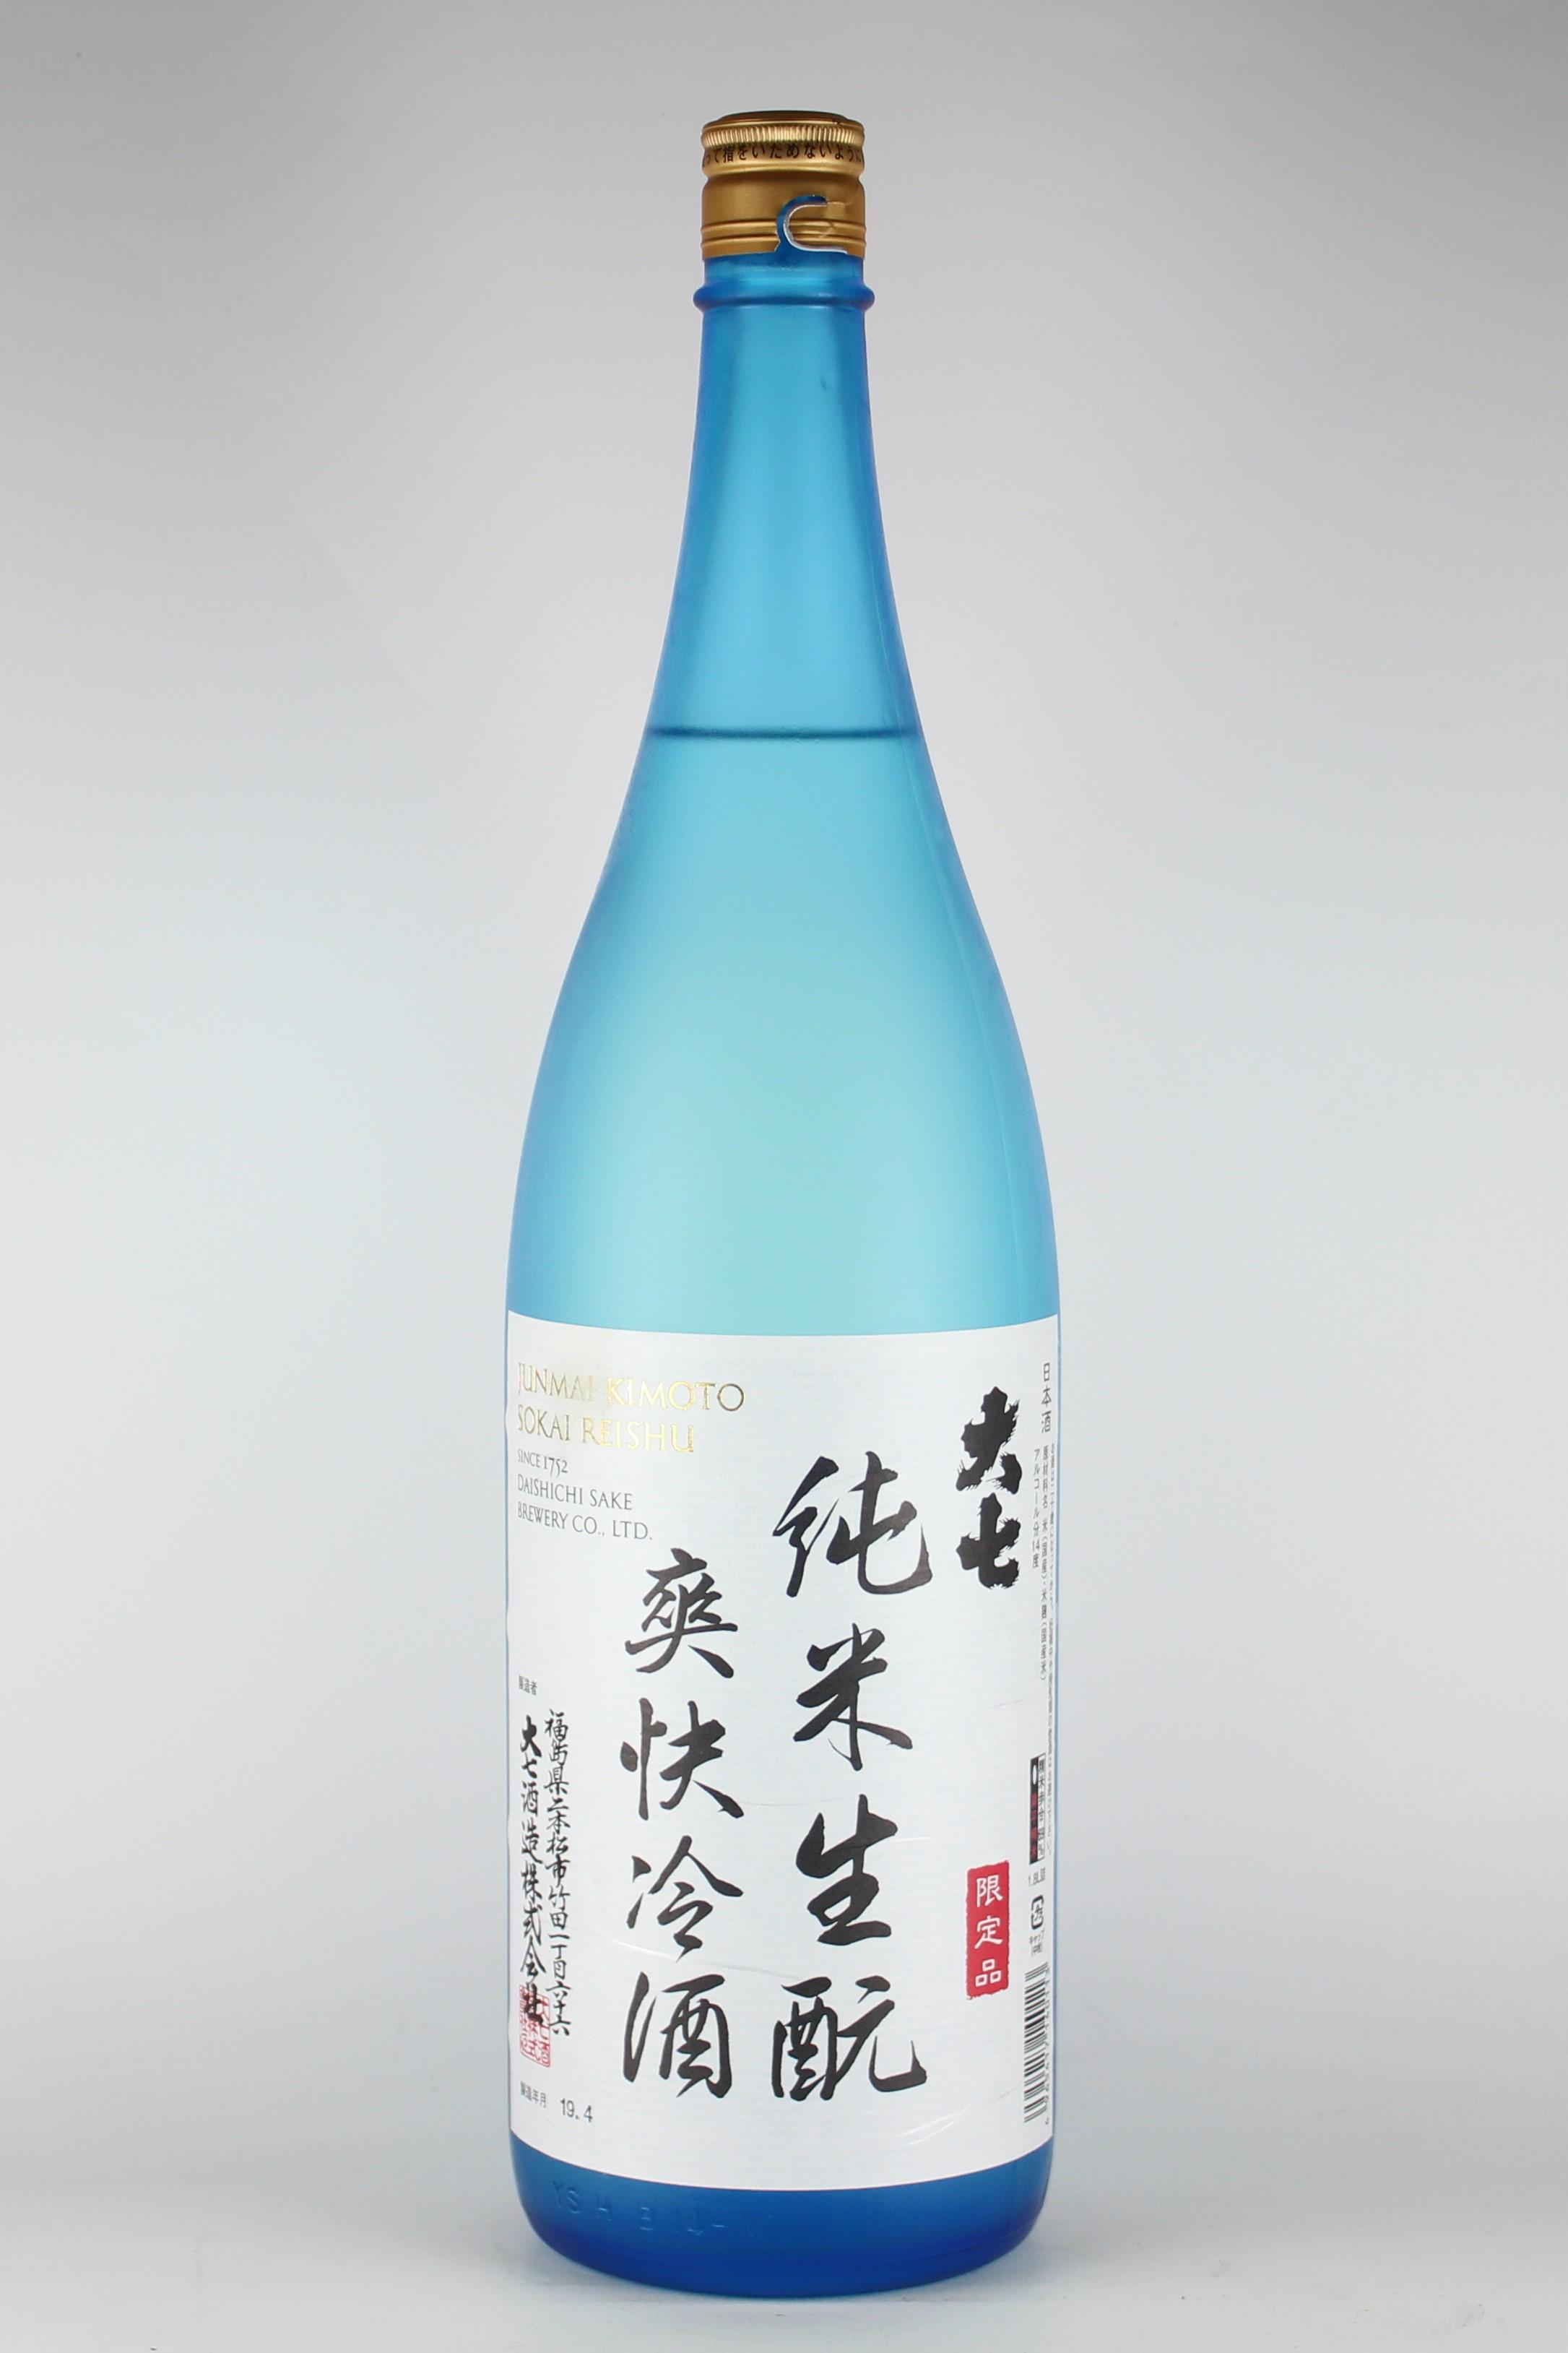 大七 爽快冷酒 純米きもと 1800ml 【福島/大七酒造】